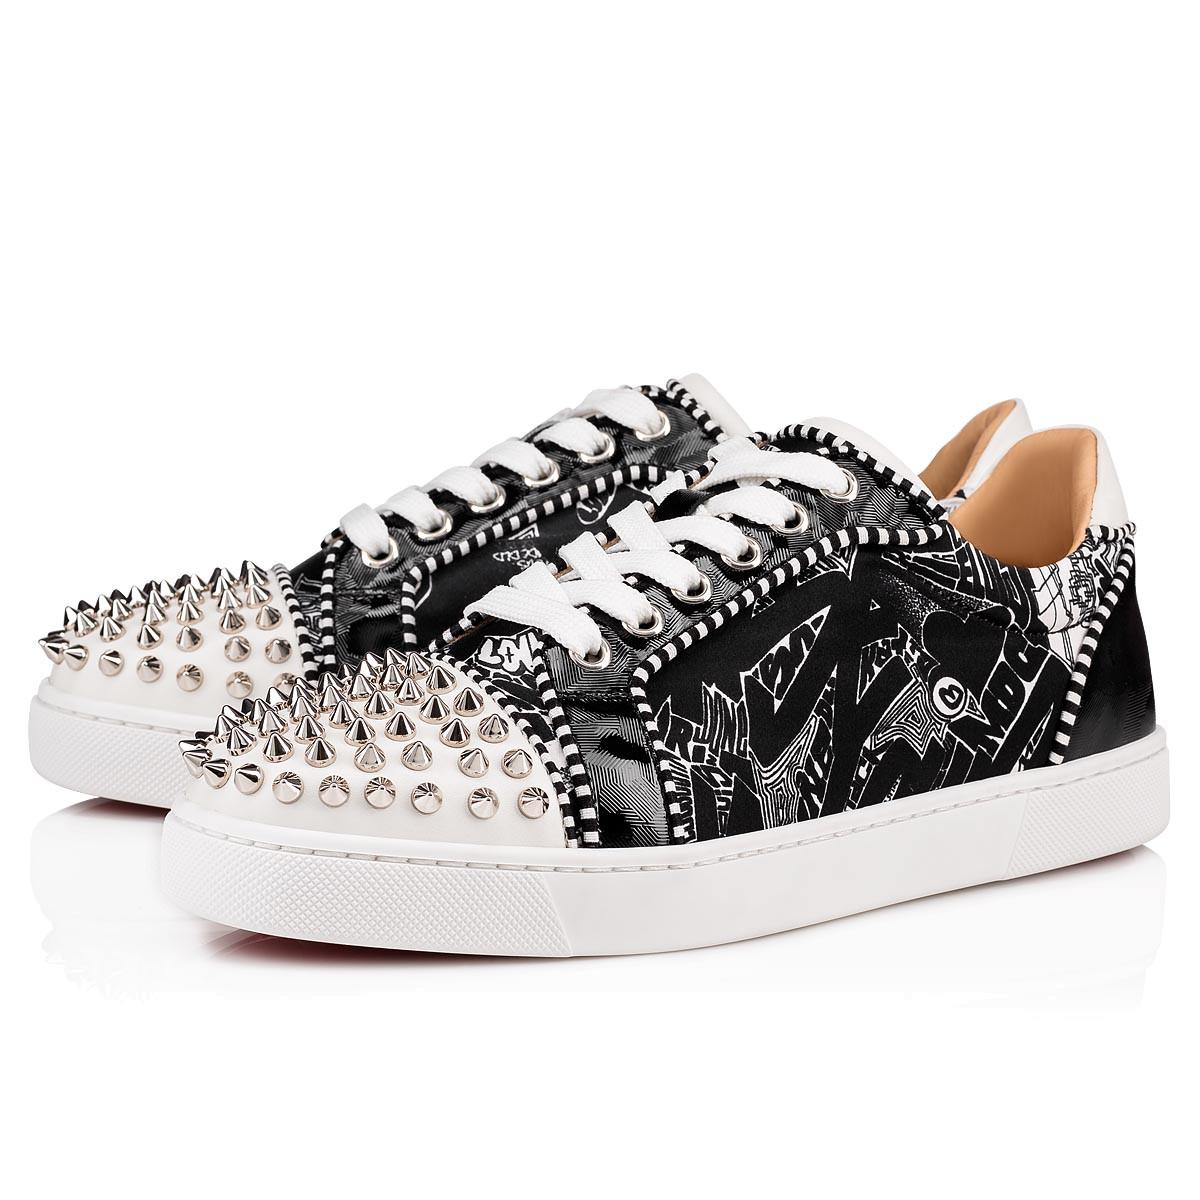 Sneakers con stampa fumetto Christian Louboutin a 775 euro